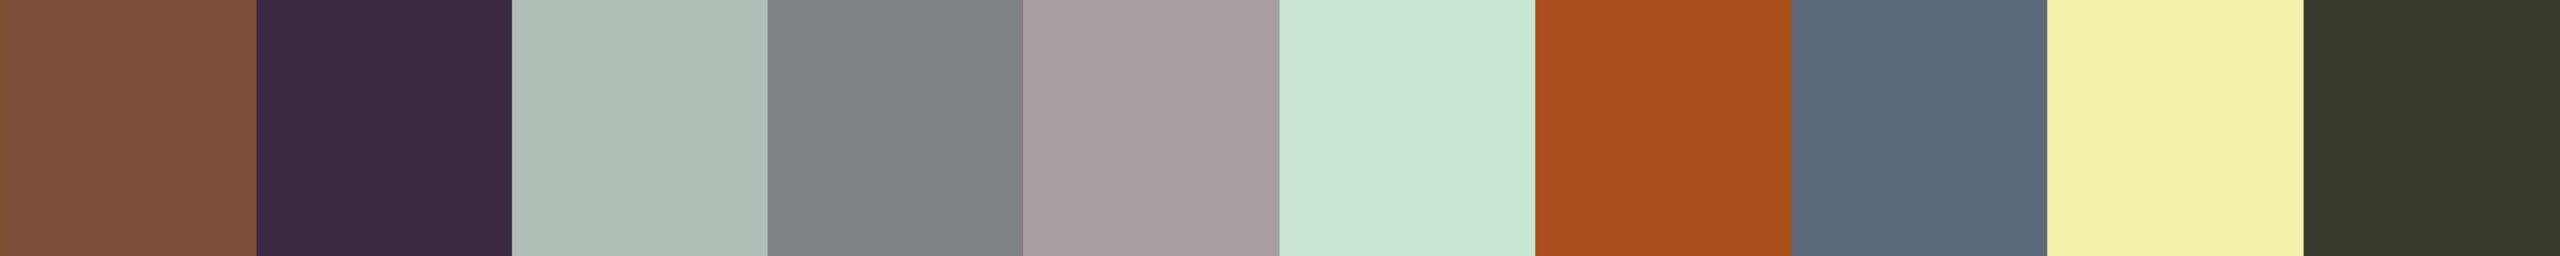 606 Hakeberia Color Palette